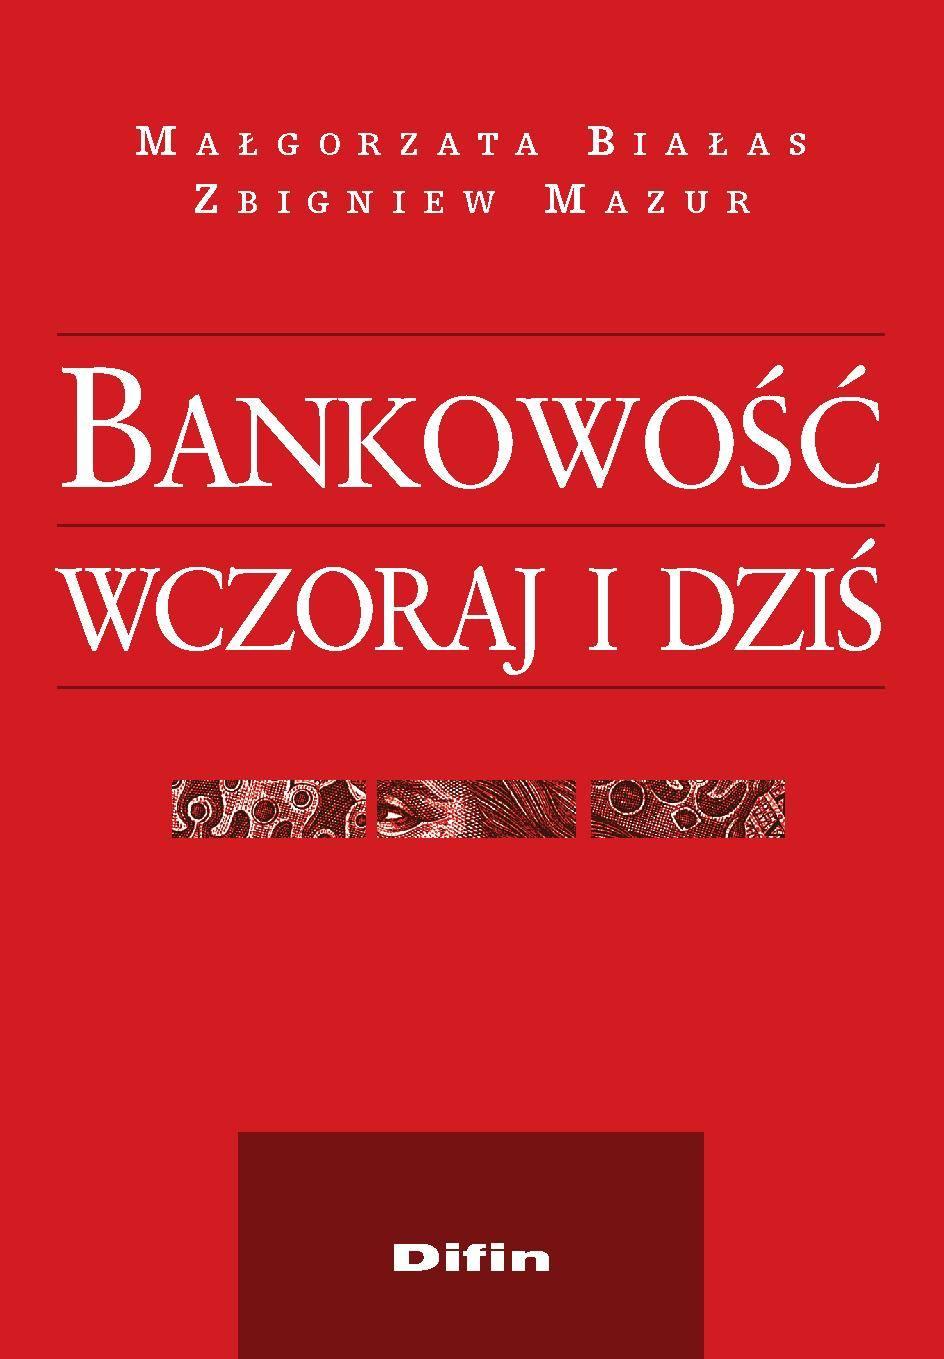 Bankowość wczoraj i dziś - Ebook (Książka na Kindle) do pobrania w formacie MOBI